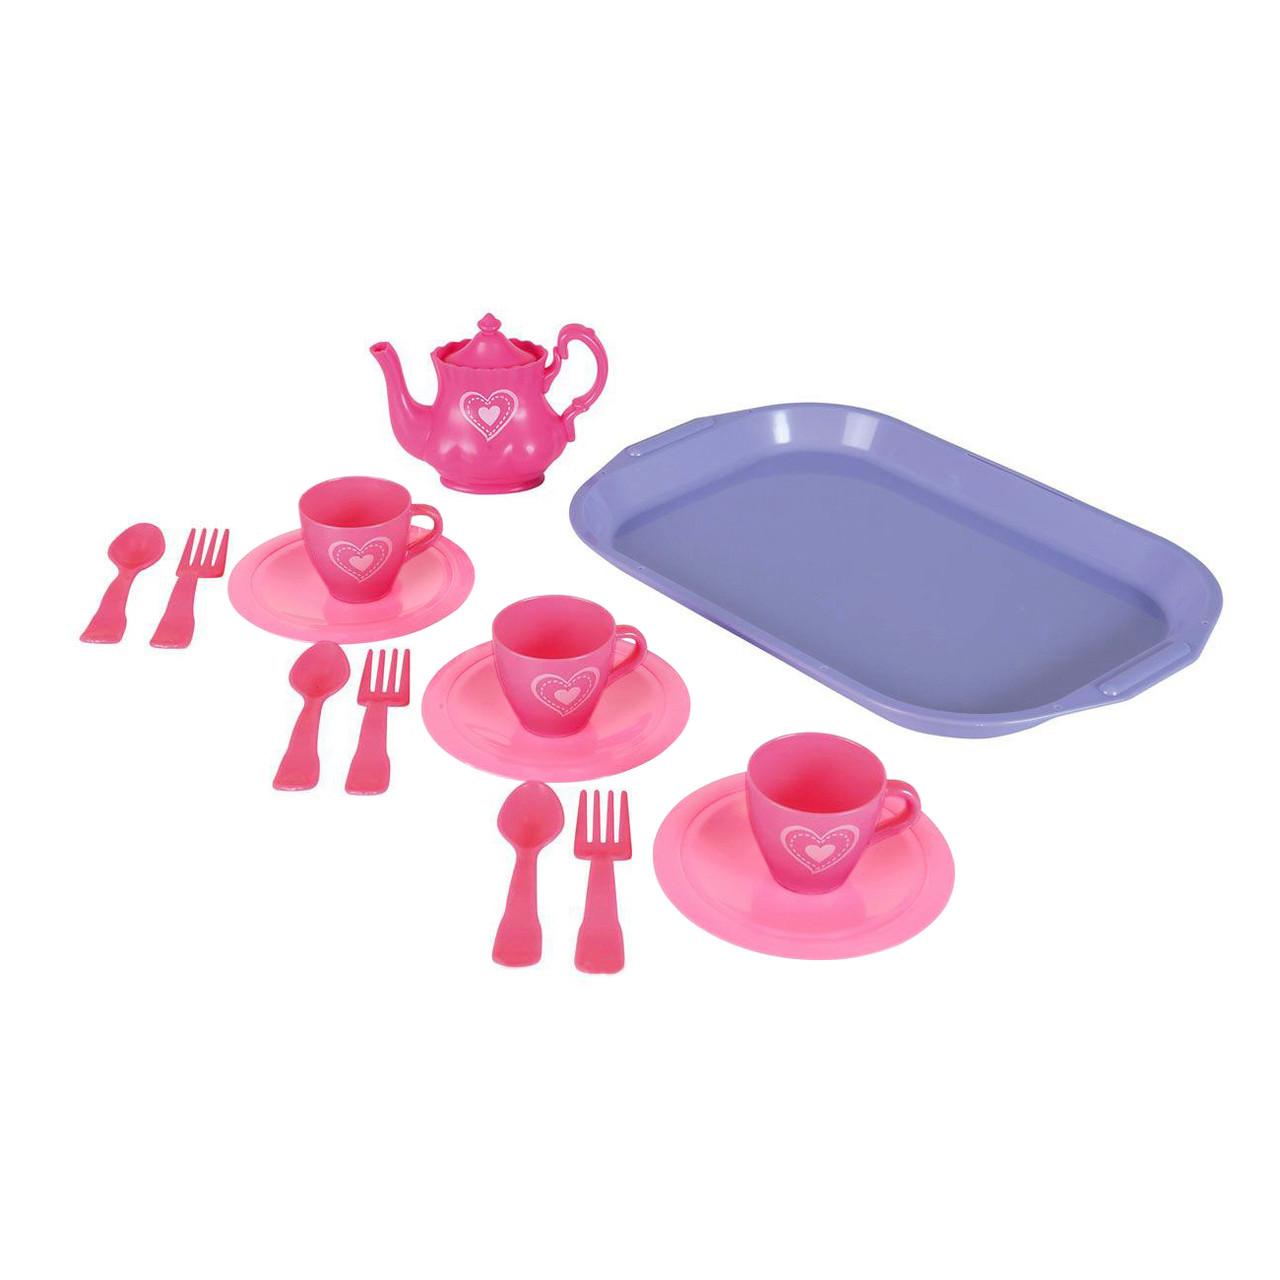 """Игровой набор «Simba» (4735259) набор посуды """"Чайный сервиз"""" с подносом, серия """"My Little Home"""", 14 предметов"""